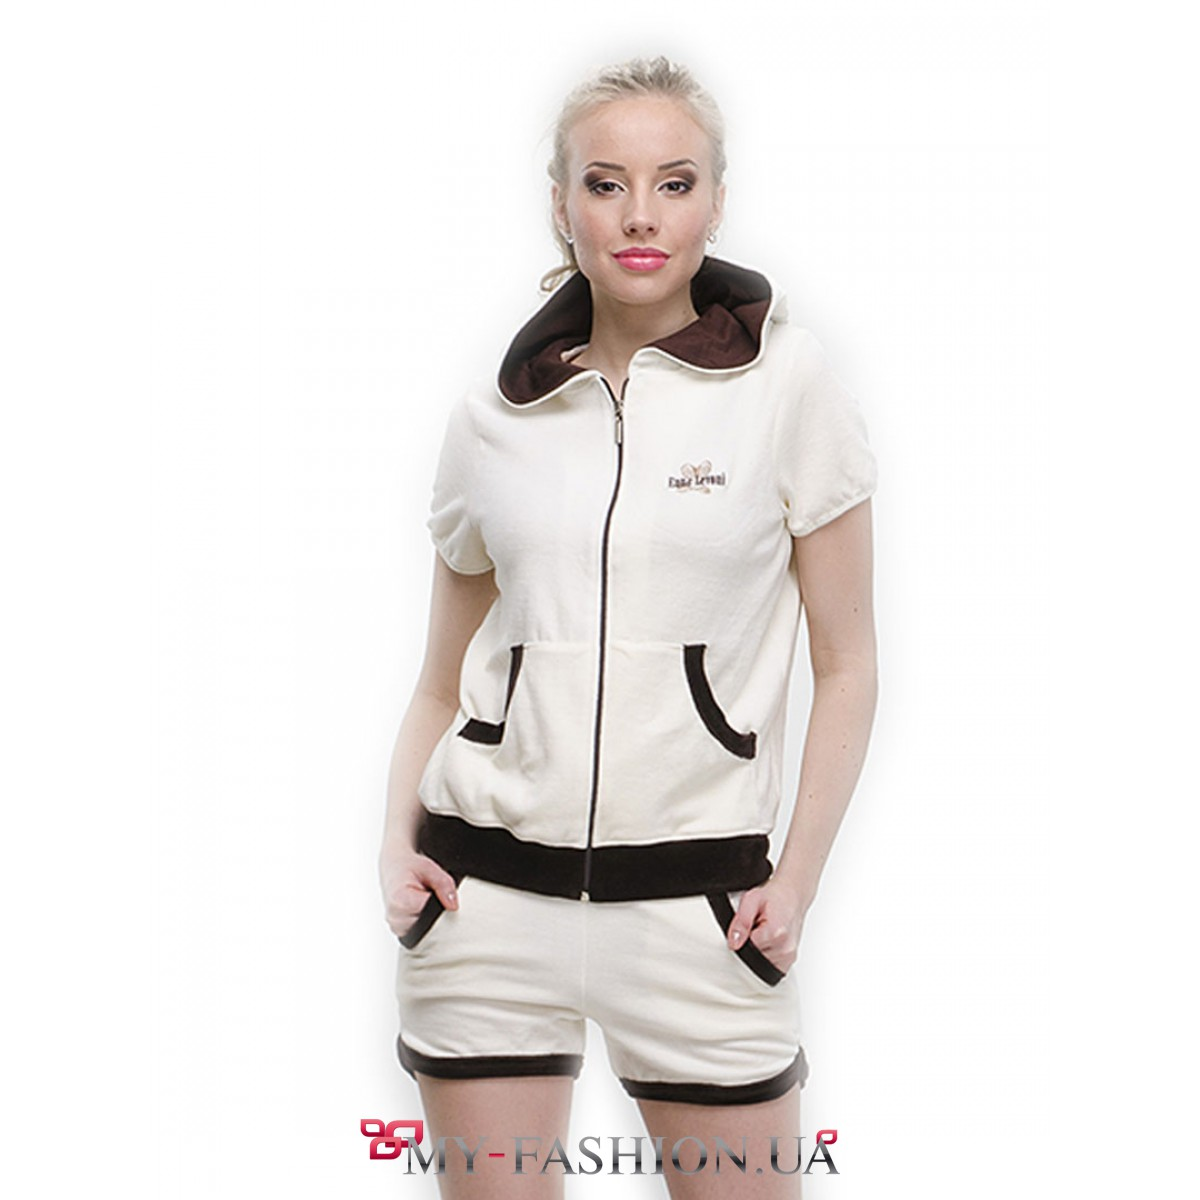 Женские спортивные костюмы с шортами